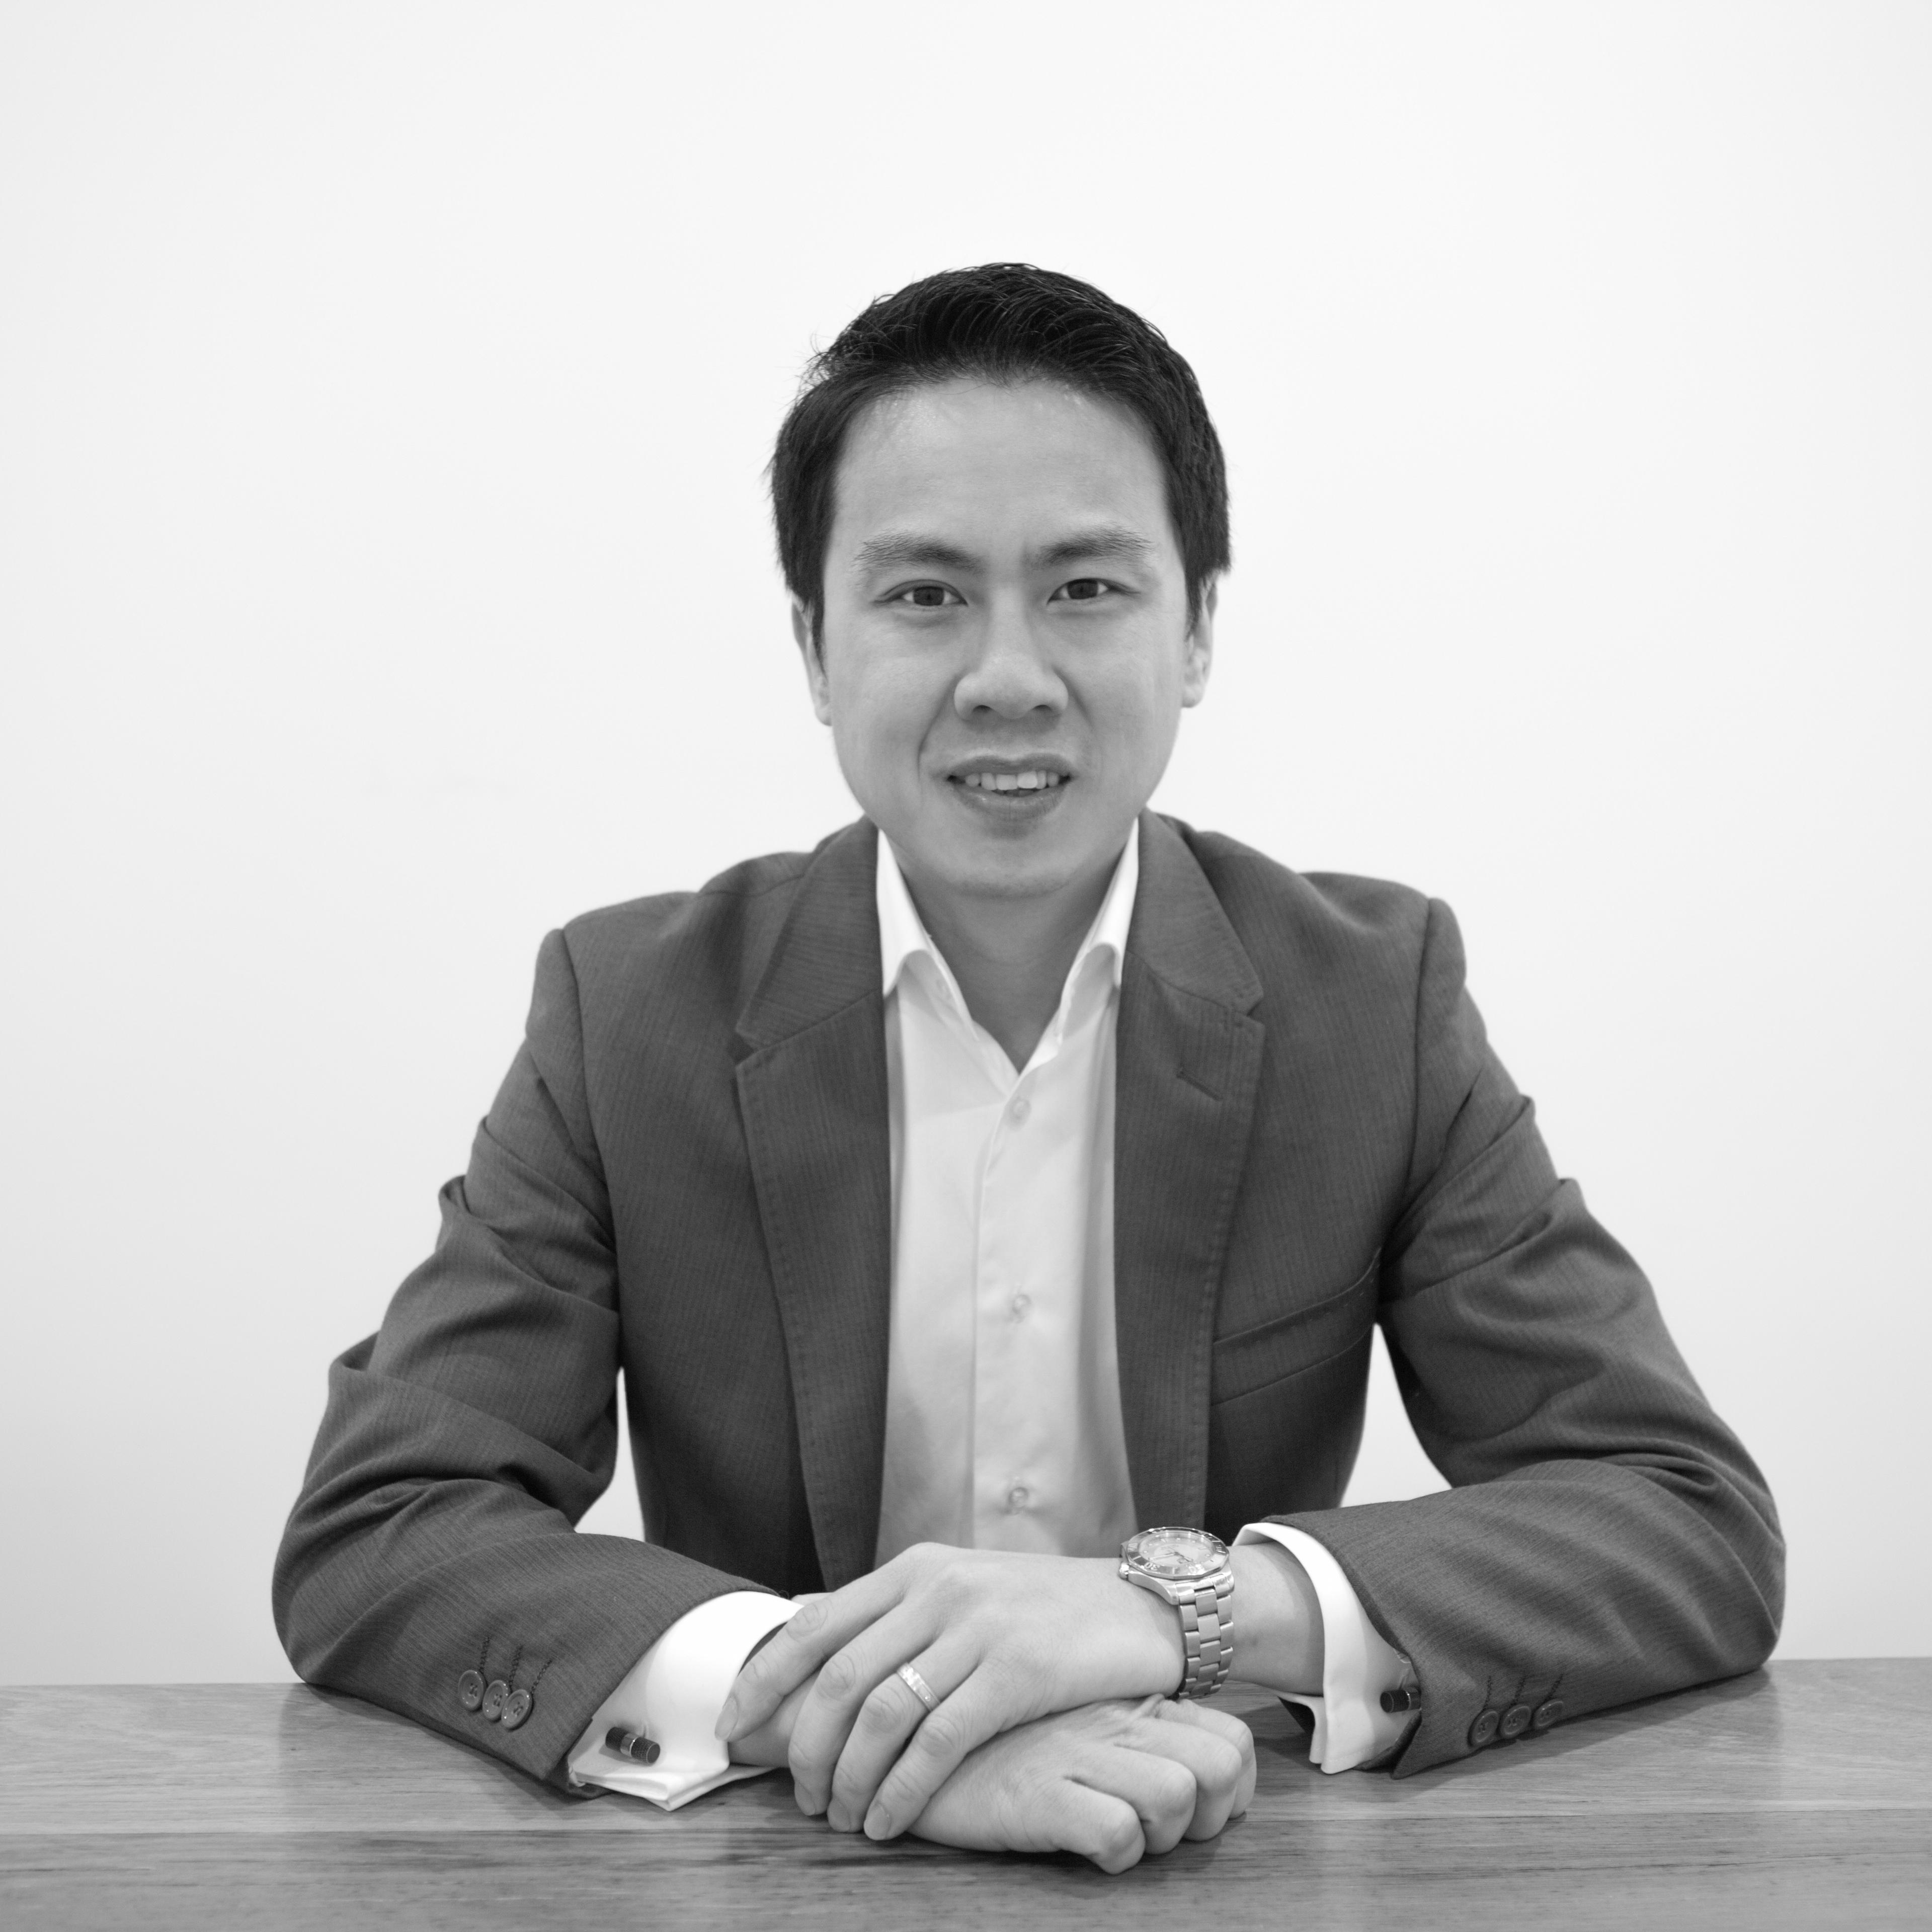 Danny Xi